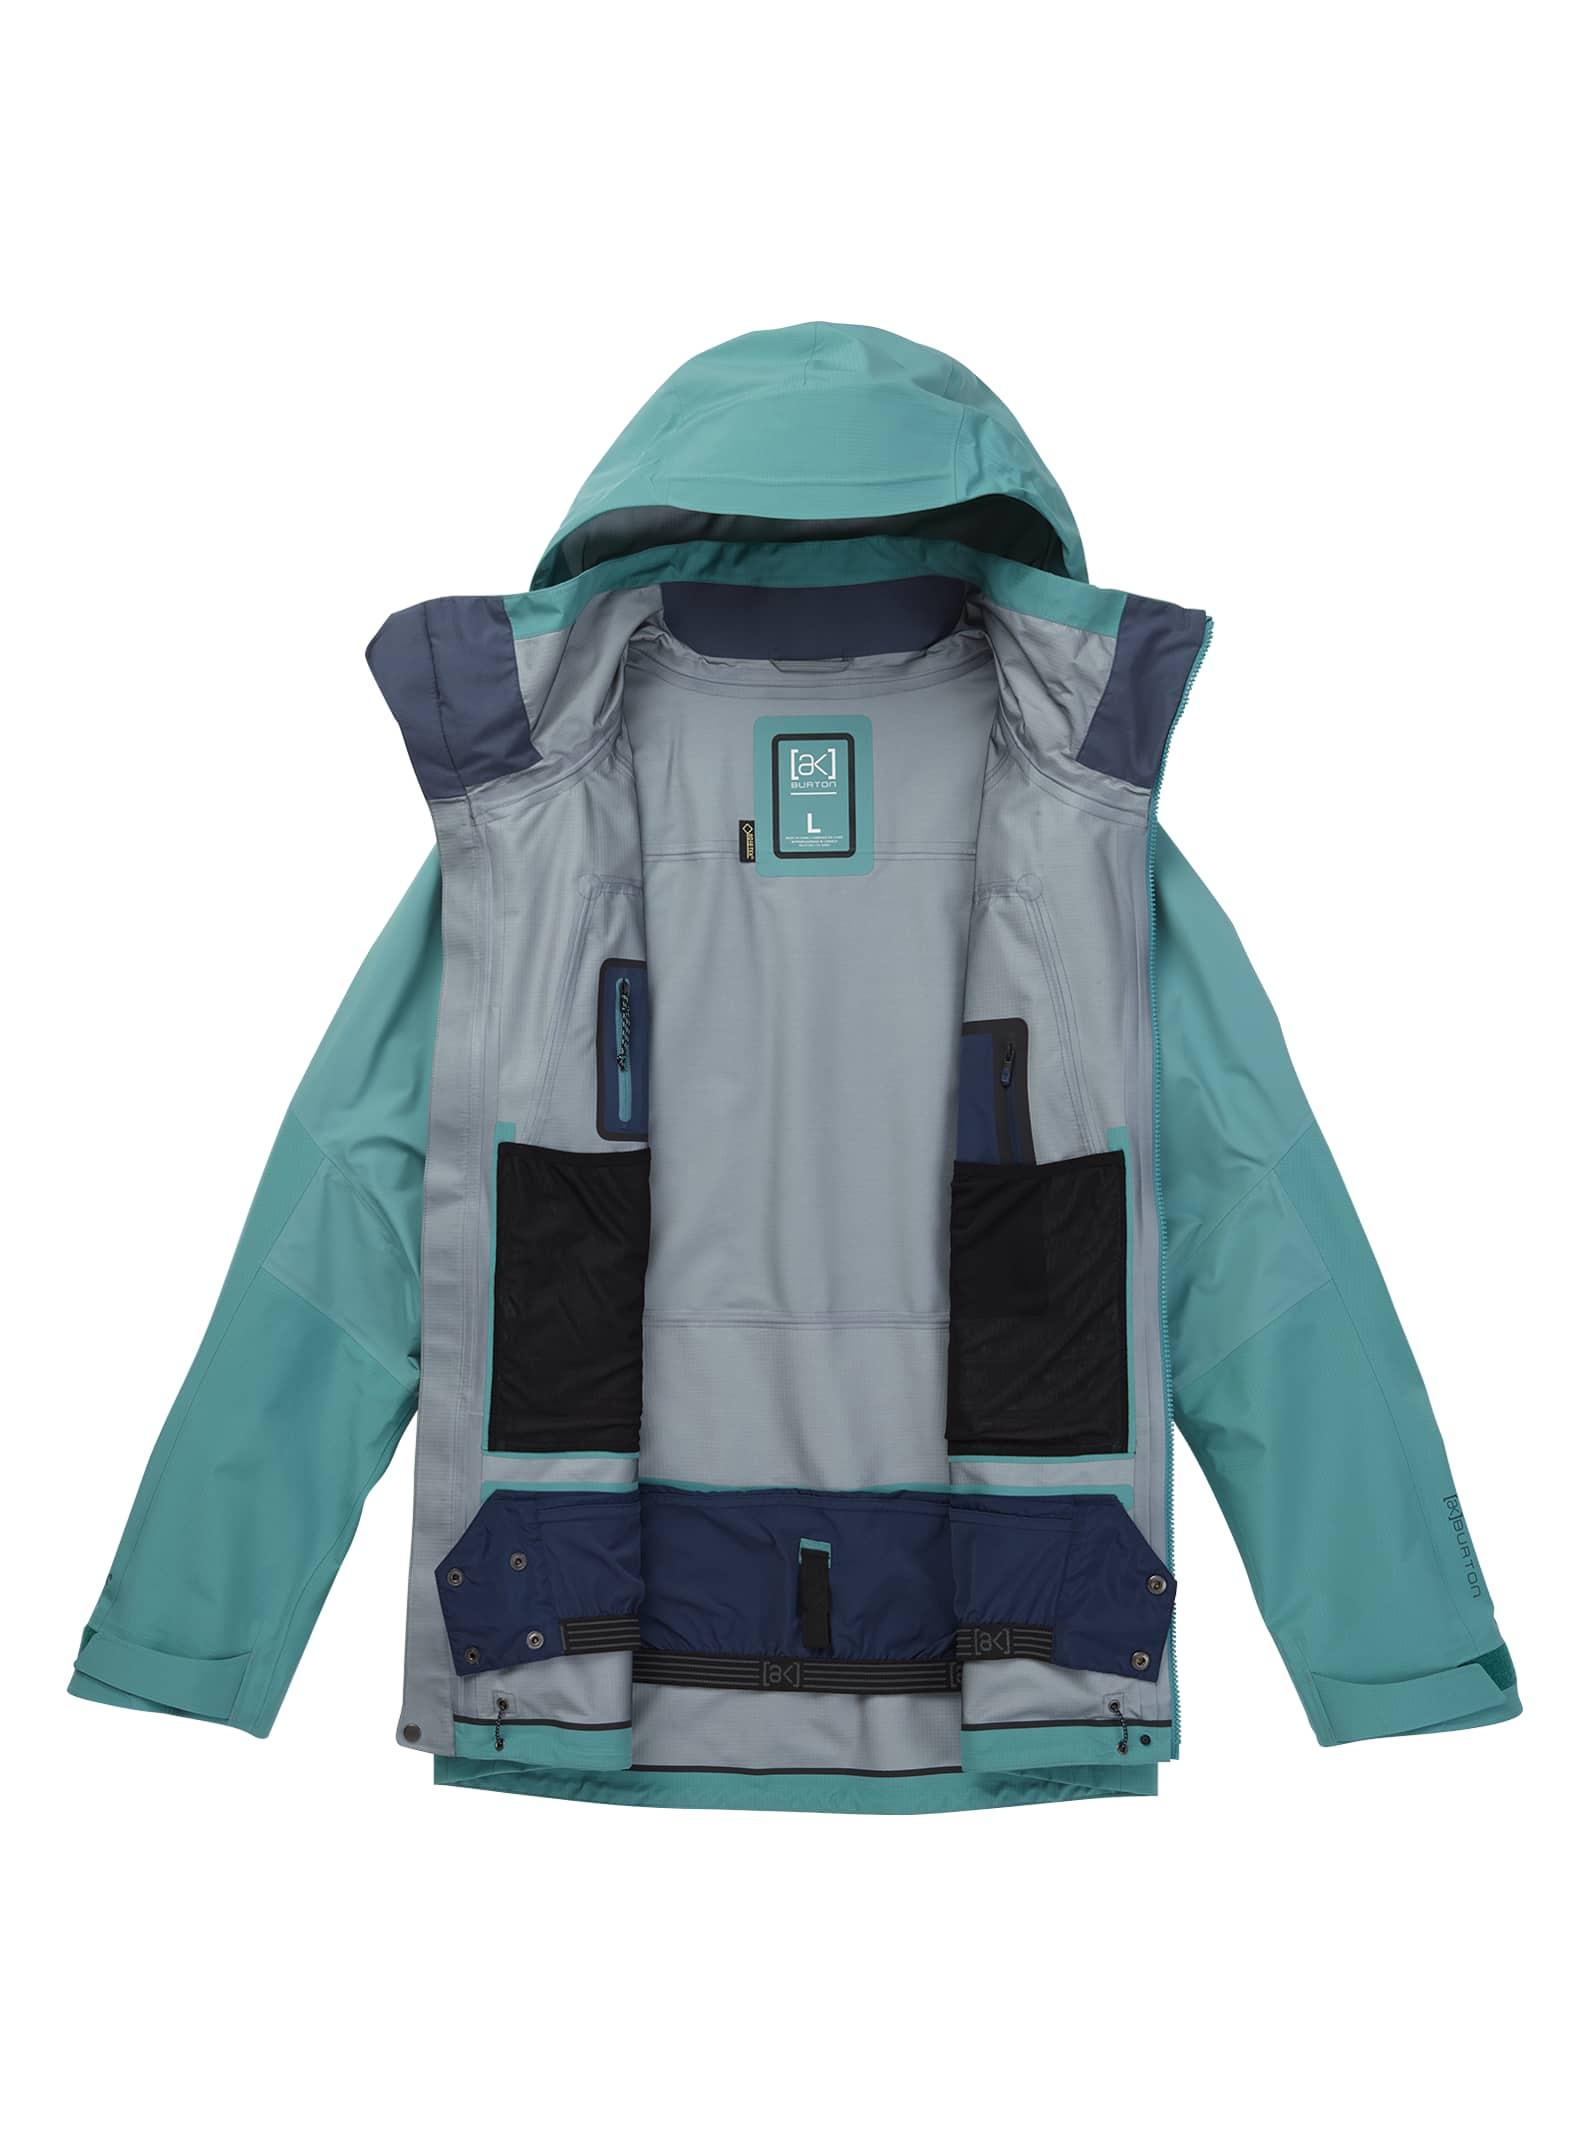 e12717fb729 Burton - Veste et manteau [ak]® Freebird en GORE-TEX à 3 couches pour homme